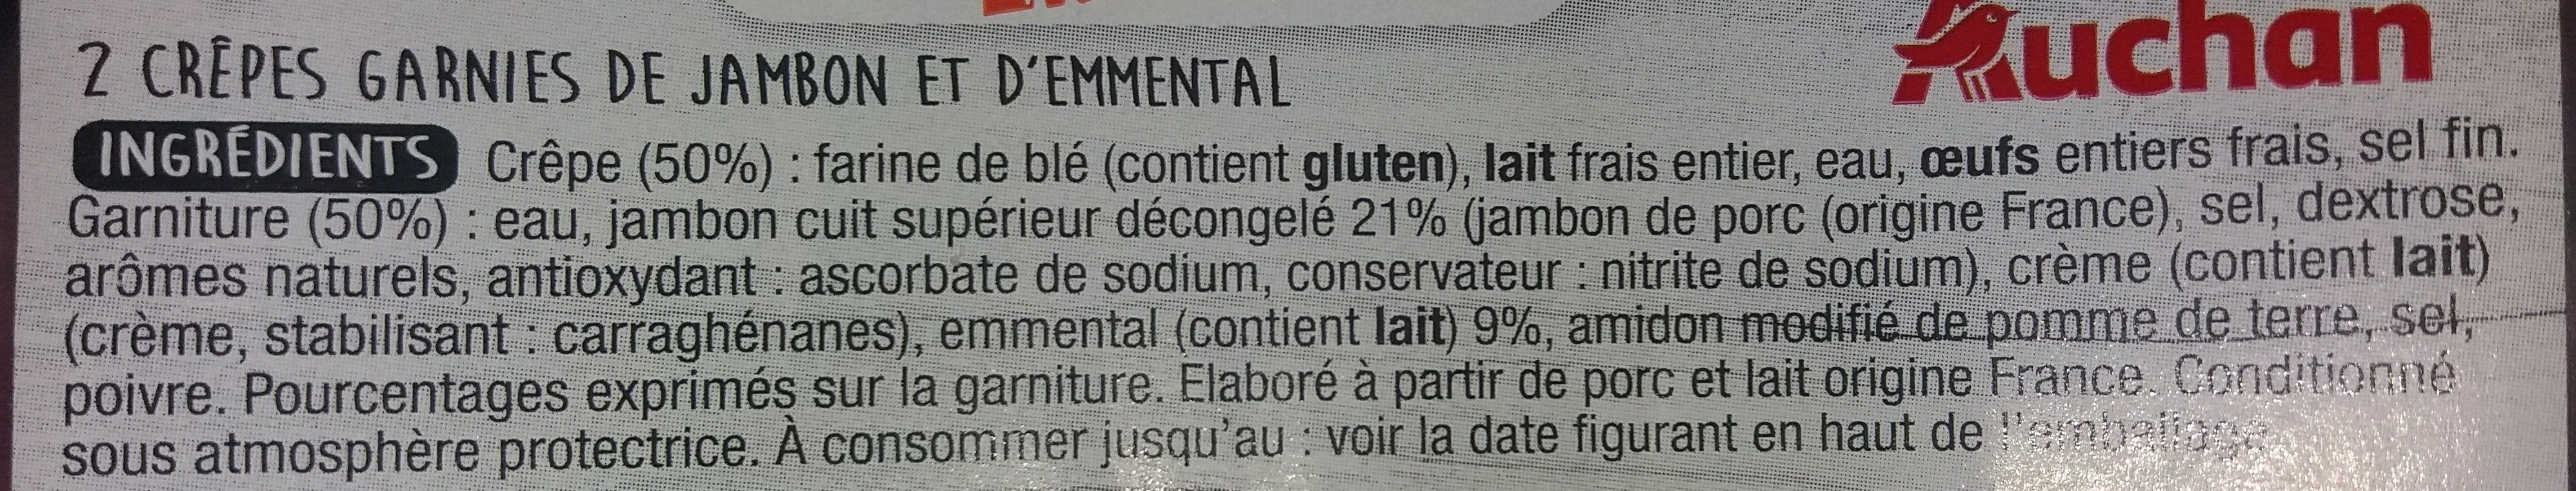 2 Crêpes Jambon Emmental - Ingrédients - fr